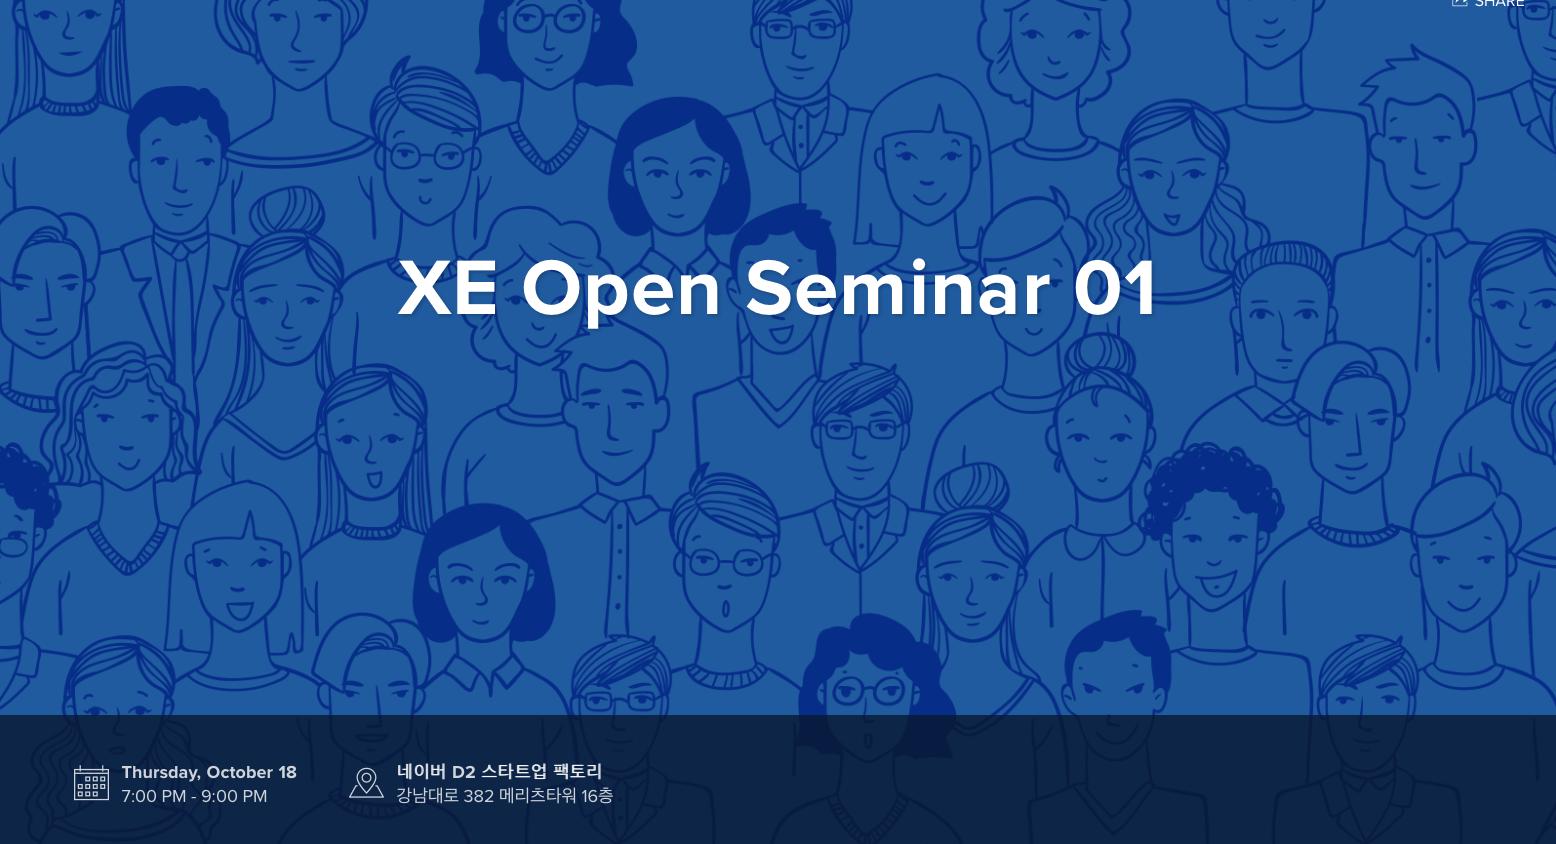 xe-open-seminar-01.png